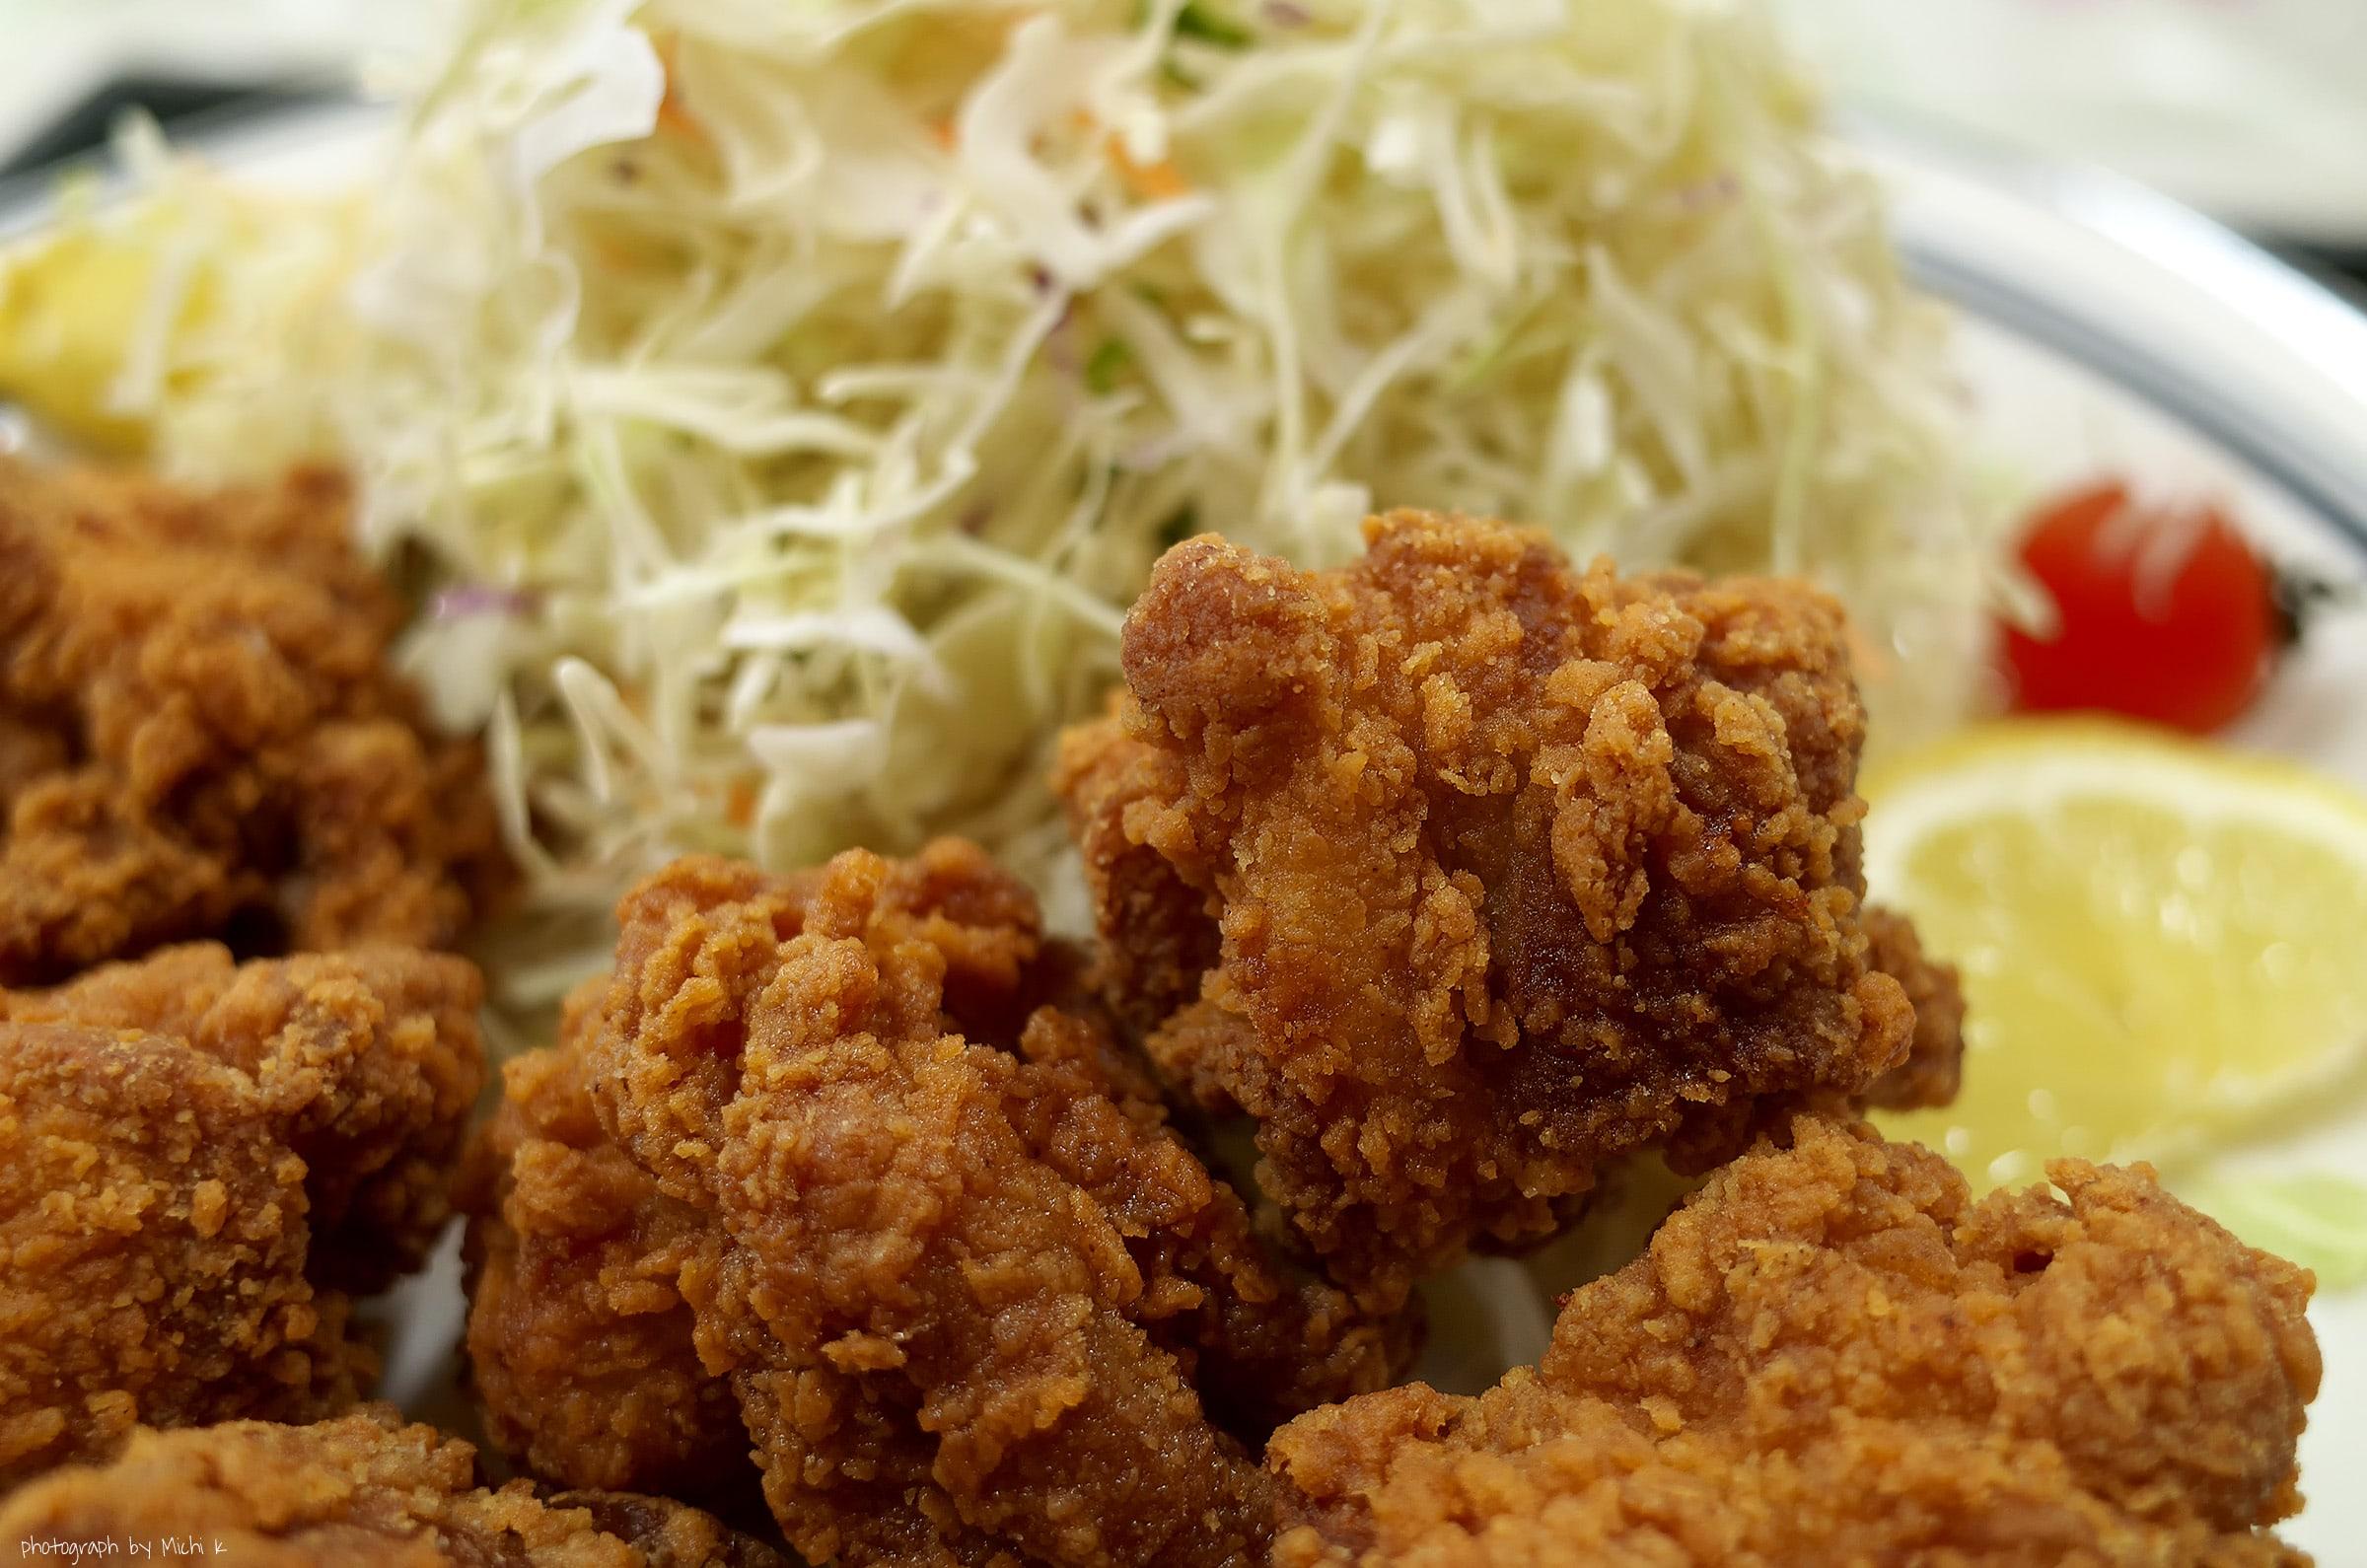 山形県遊佐町にある道の駅「鳥海 ふらっと」で食べた鳥のからあげ定食、写真その2。